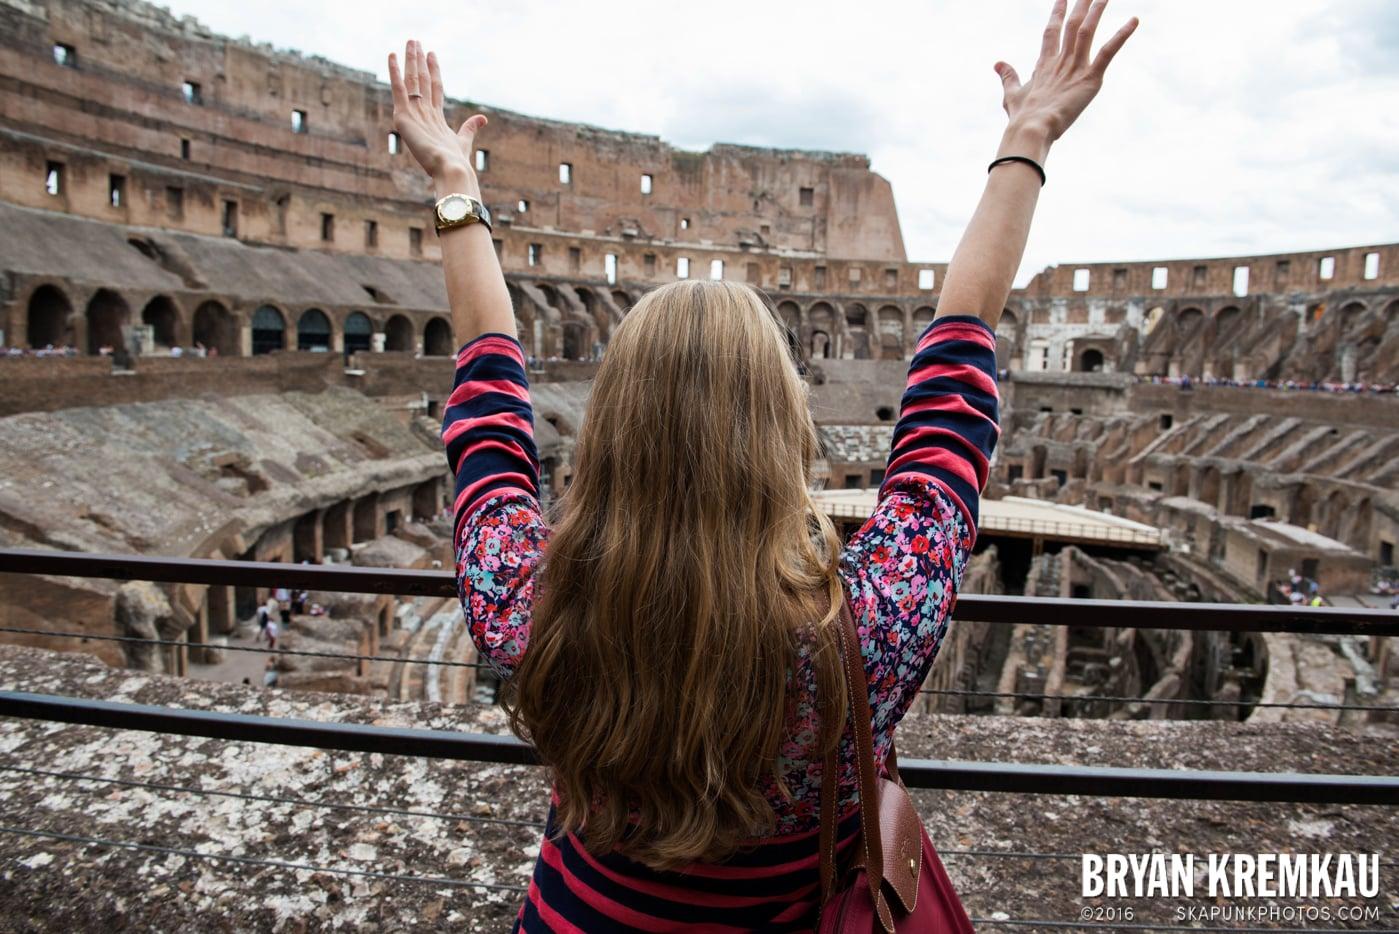 Italy Vacation - Day 2: Rome - 9.10.13 (43)